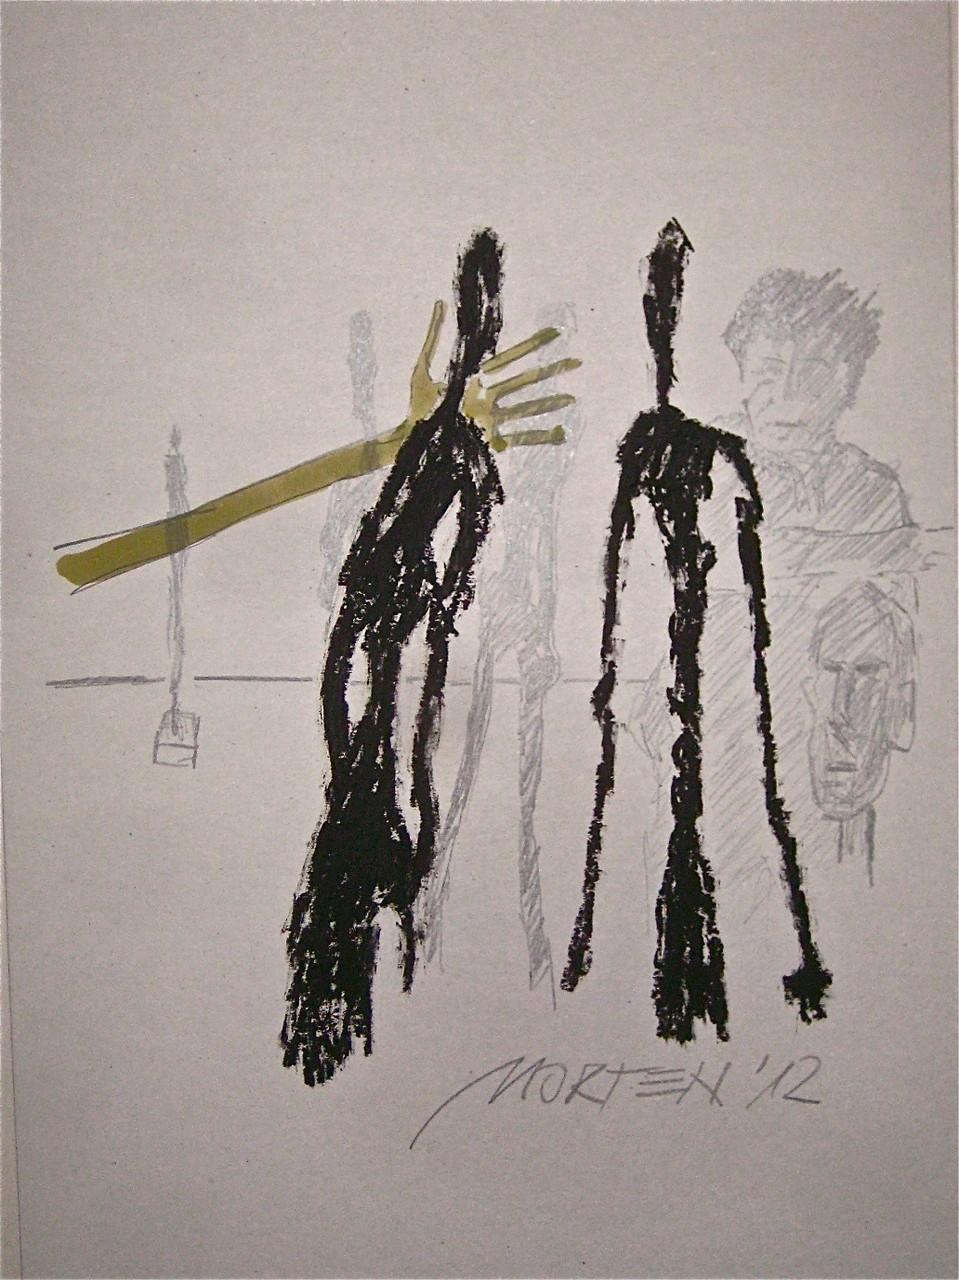 GIACOMETTI IM ATELIER, 2012, Johannes Morten, Acryl, Graphit und Ölkreide auf Pappe (Verkauft)